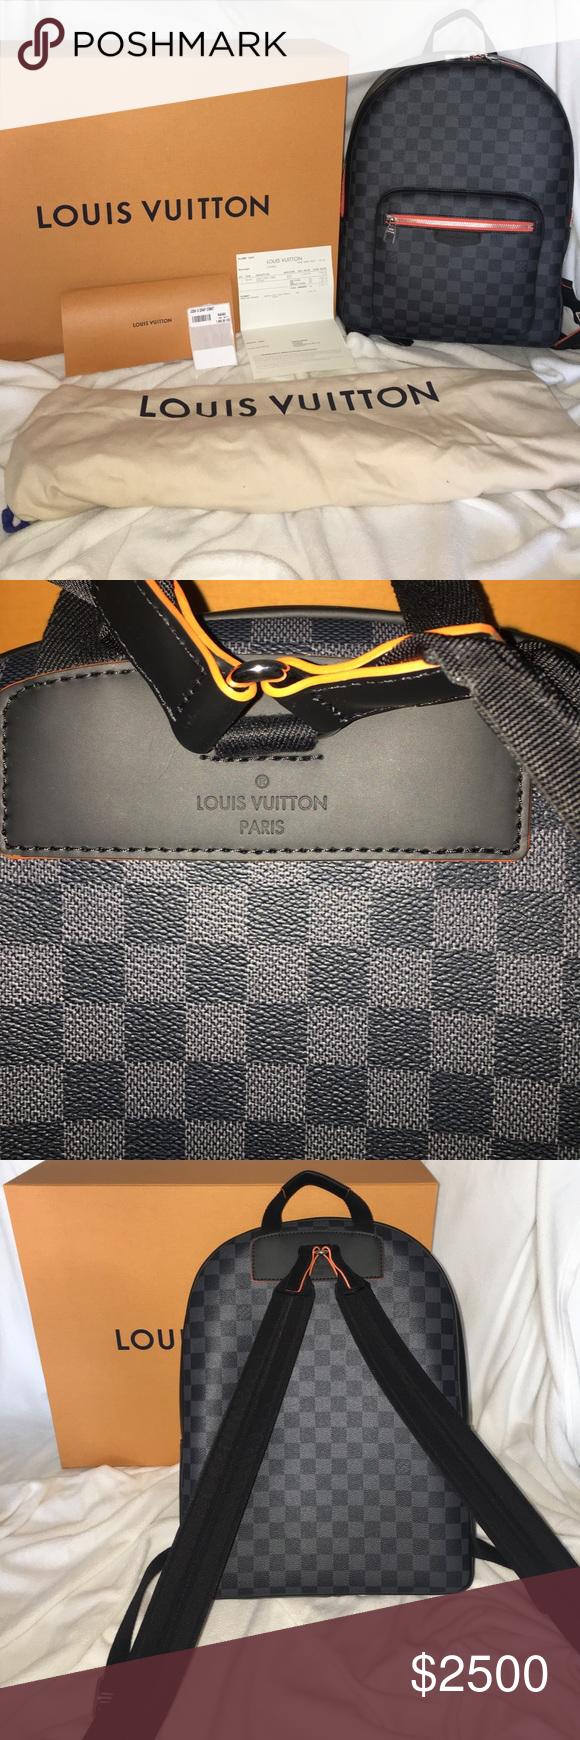 521d14f9d953 NIB! Rare Louis Vuitton Josh Damier Graphite COMET NEVER USED! 100%  Authentic.